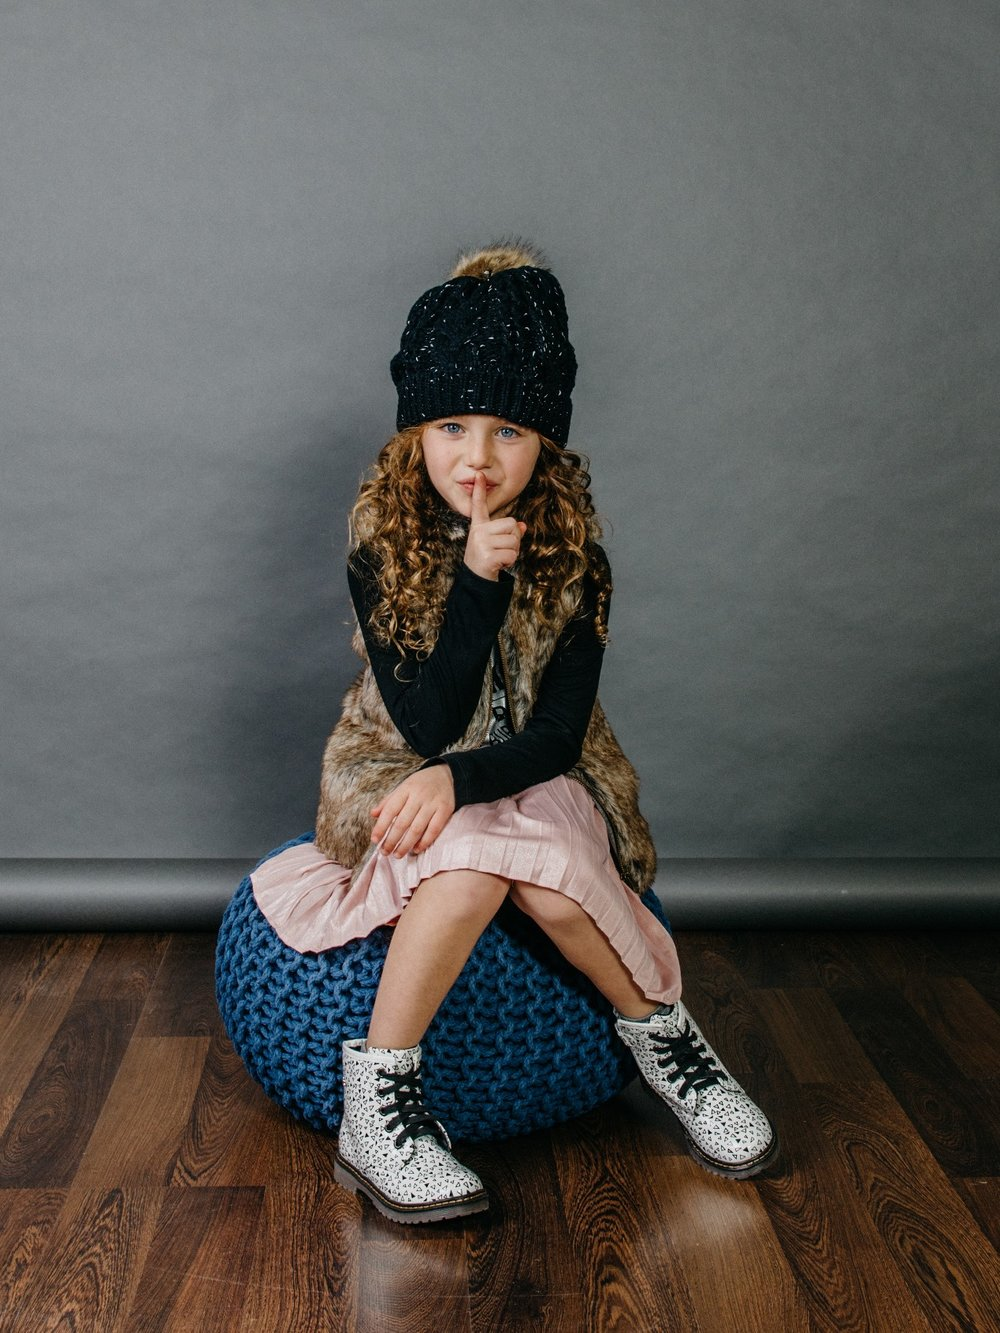 פוטר מודפס, חצאית פליסה מטאלית, ועליונית פרווה:  MISH-MISH  , נעליים: פפאיה  (צילום: מארק סגל ל itmag.co.il)